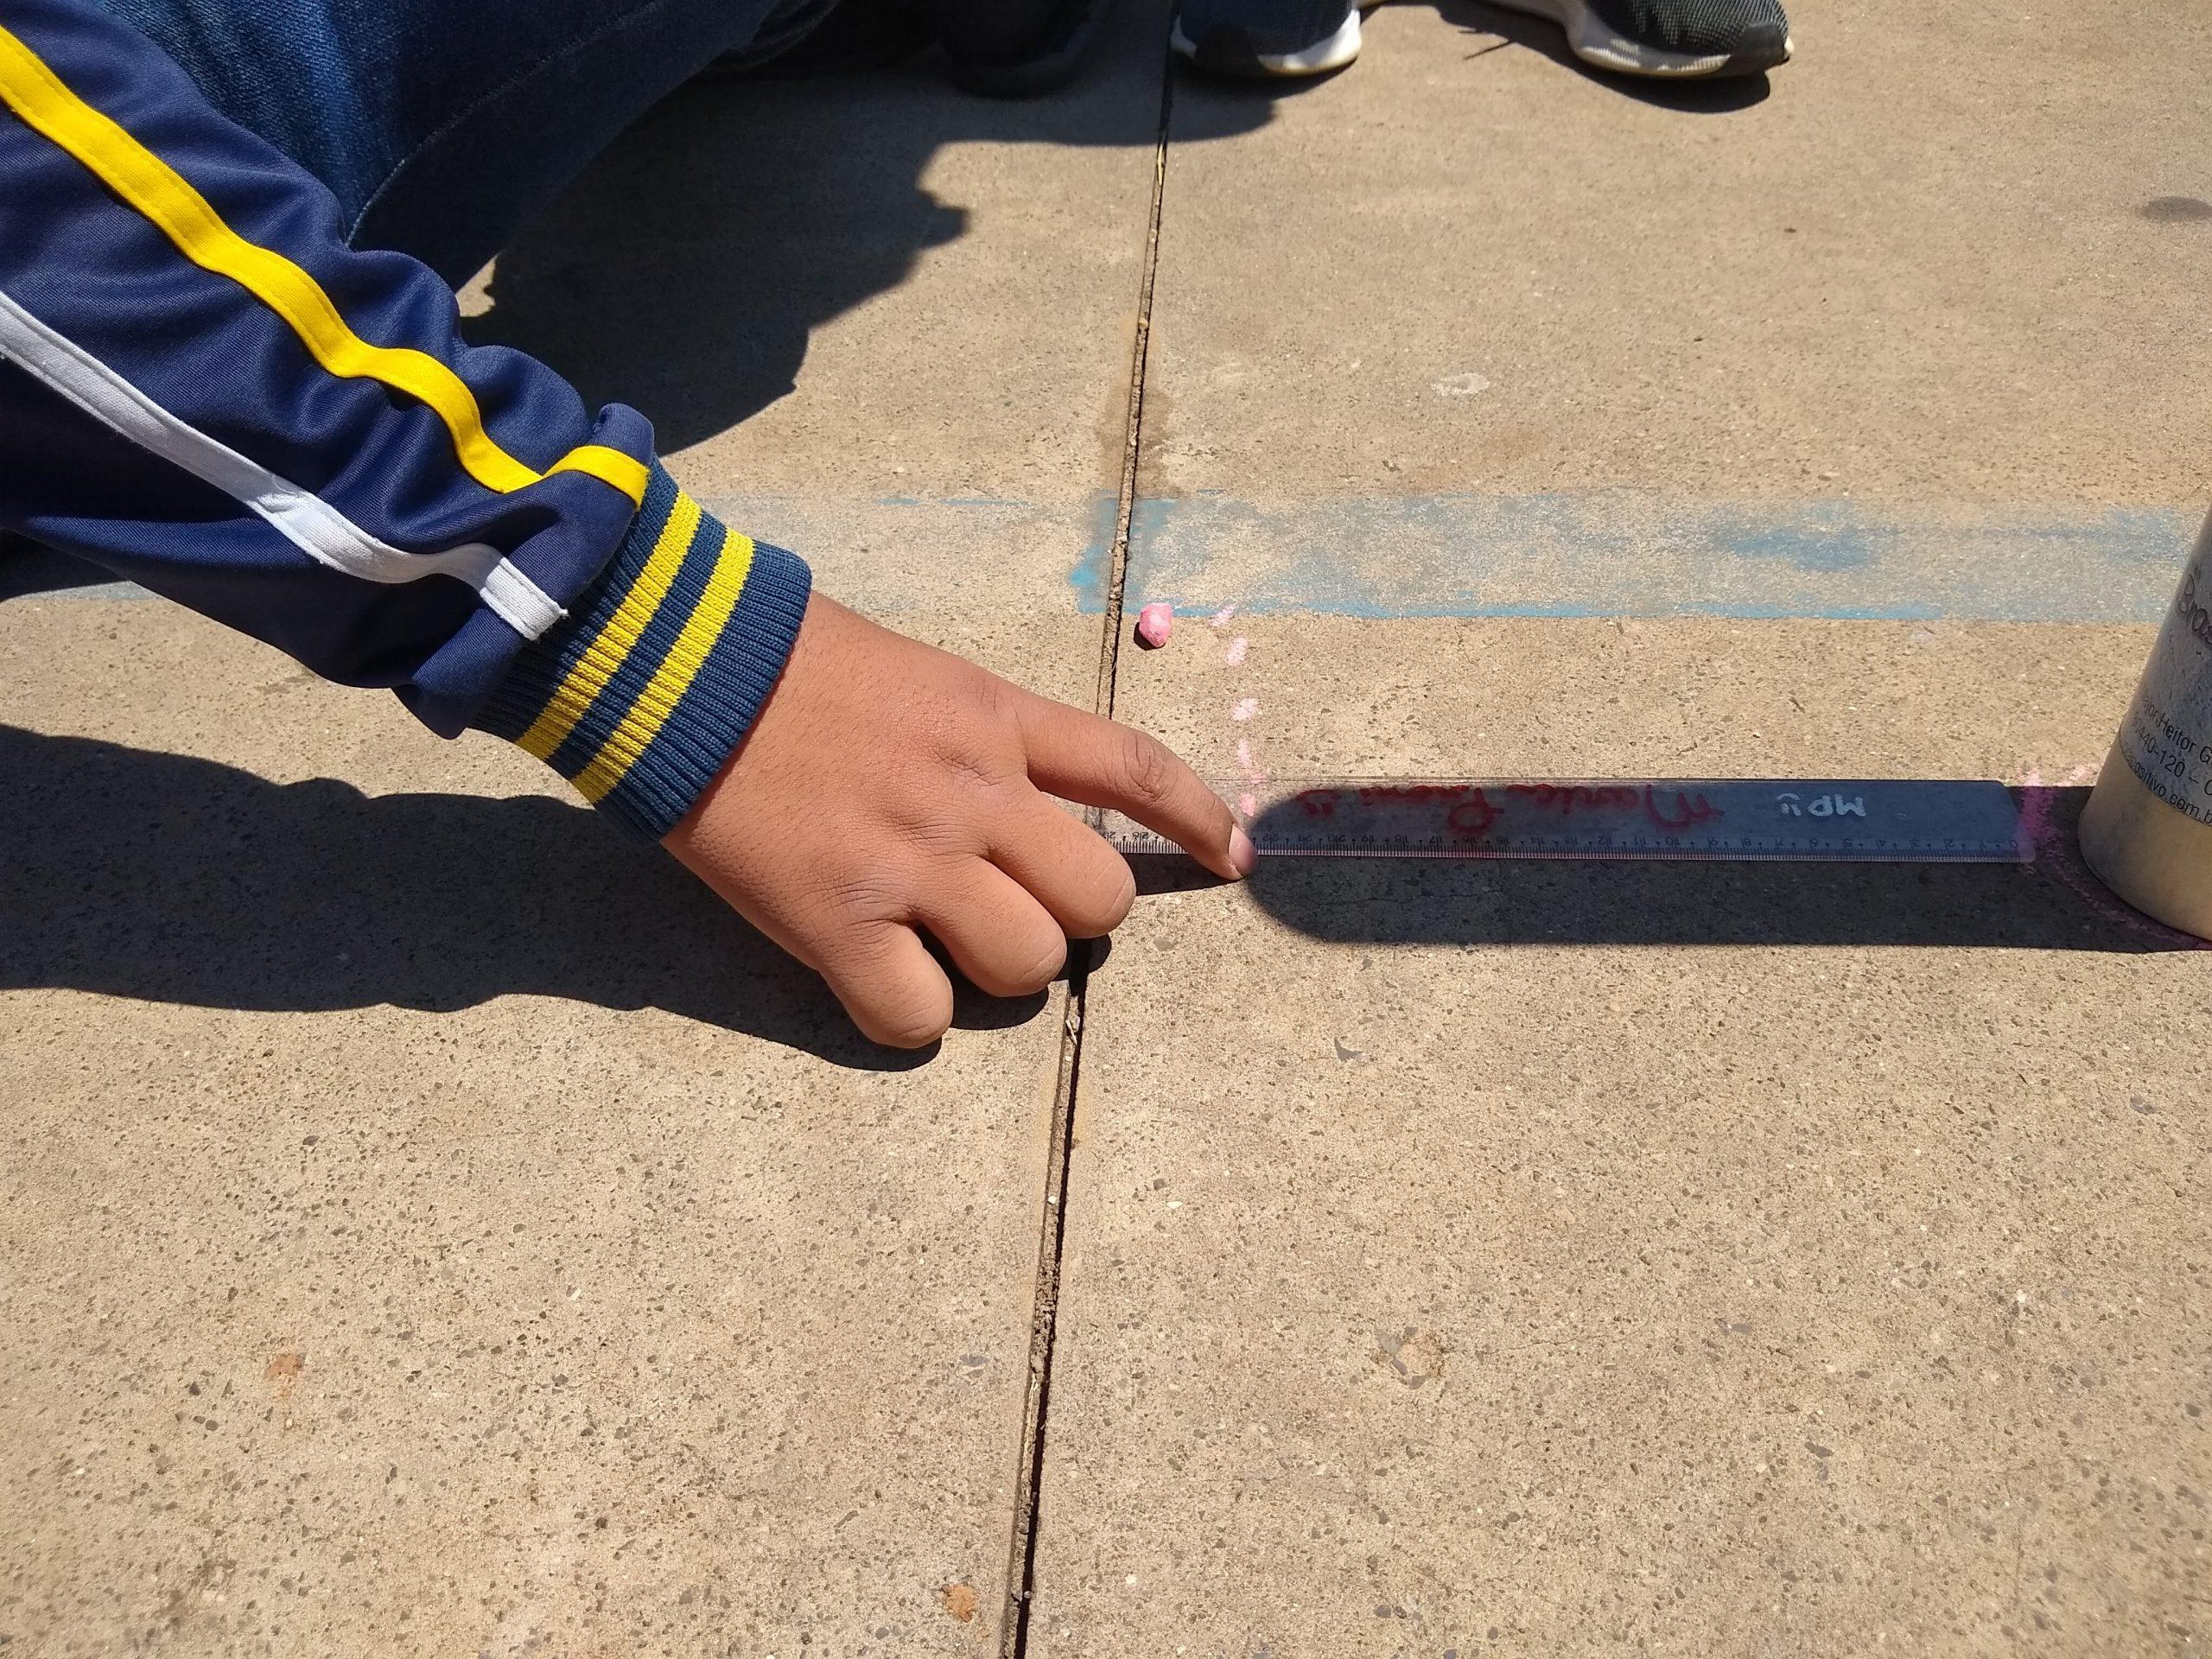 Aluno determina a sombra de uma haste vertical com o giz. As demais marcas mostram o movimento da sombra ao longo do tempo.